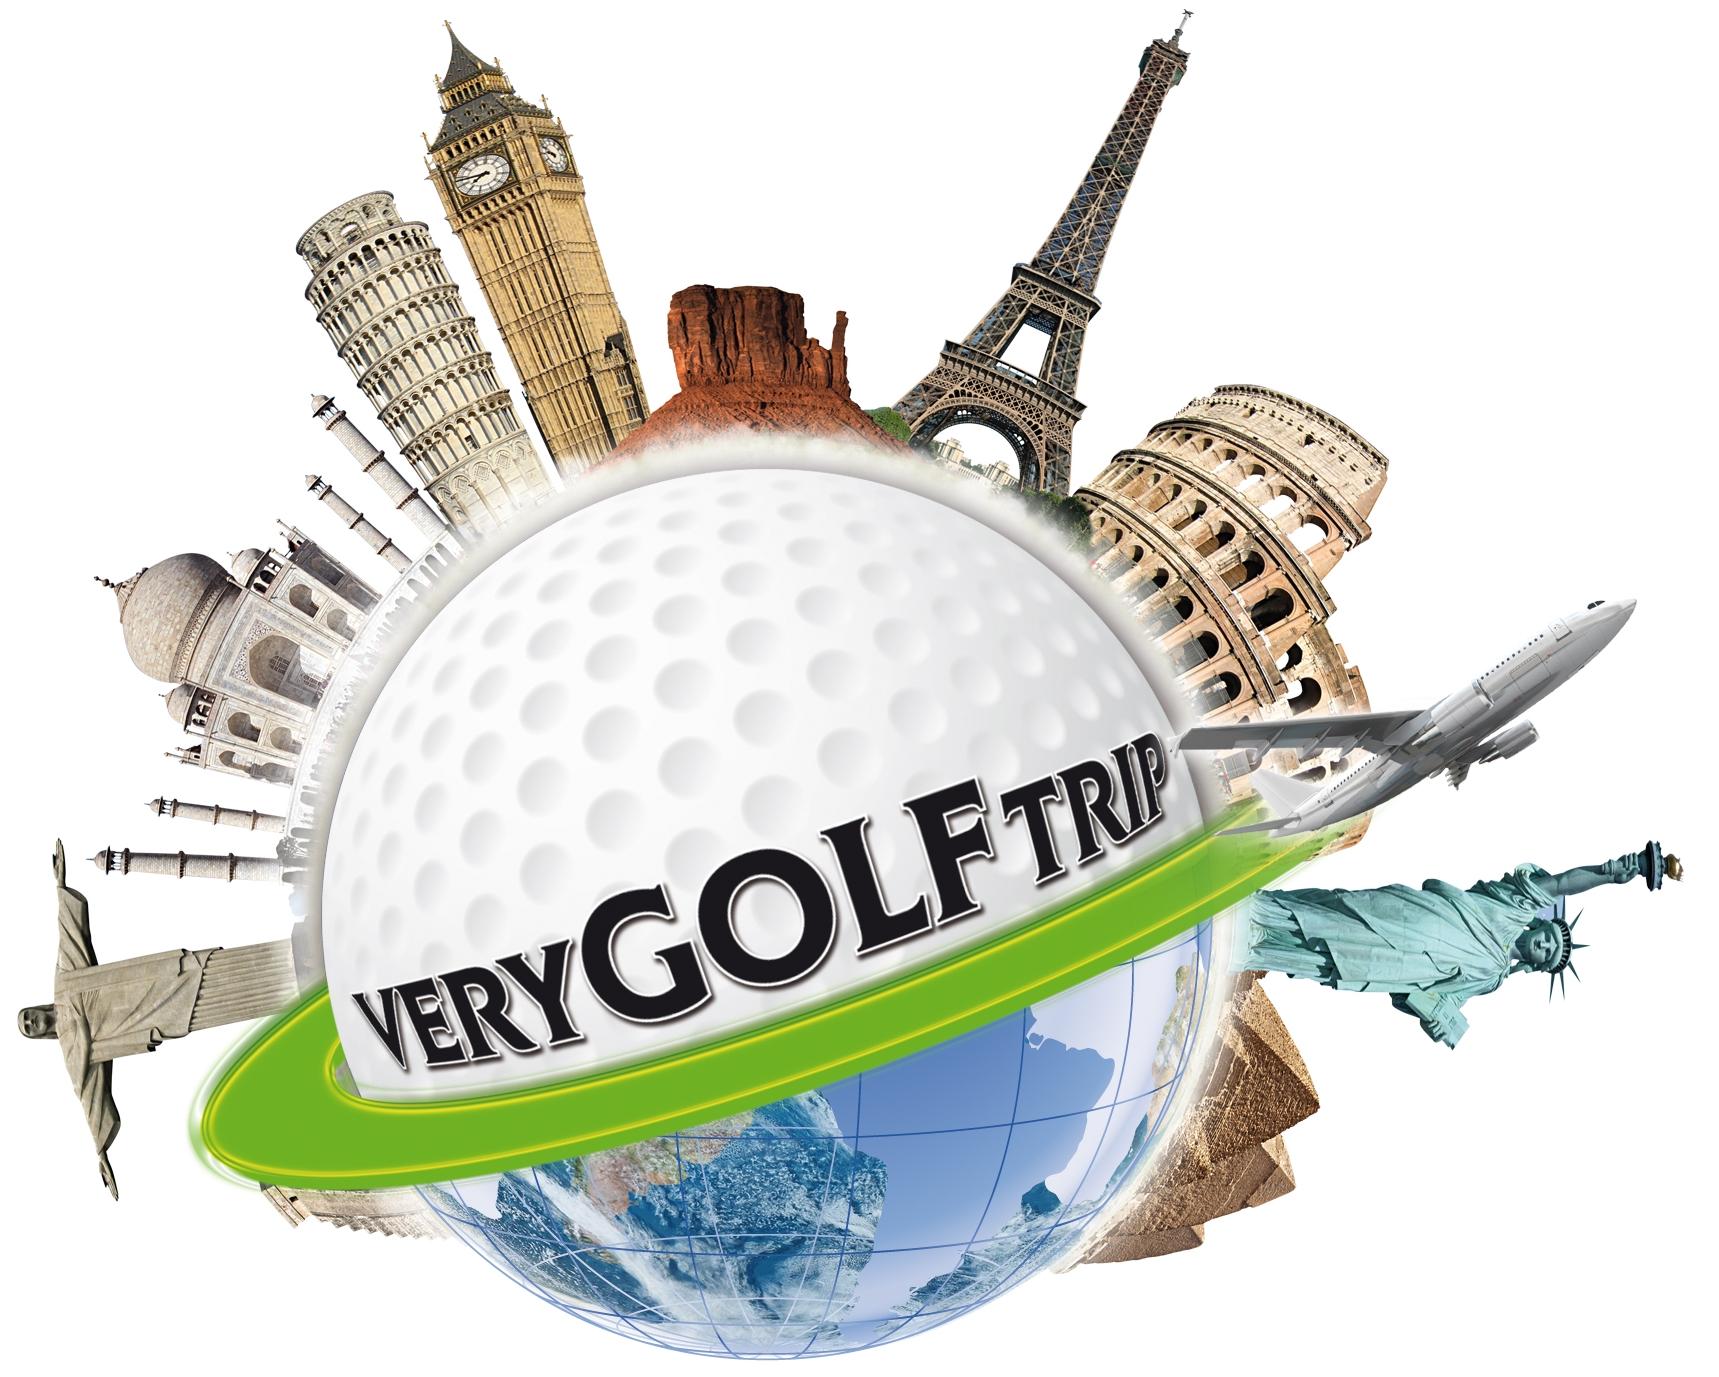 28 MAI 2019Golf de ROYAL MOUGINSMonsieur Golf Tour - Challenge sur TROU 5Dotation : Voyage à L'Ile Maurice (Anahita)PAS DE GAGNANT